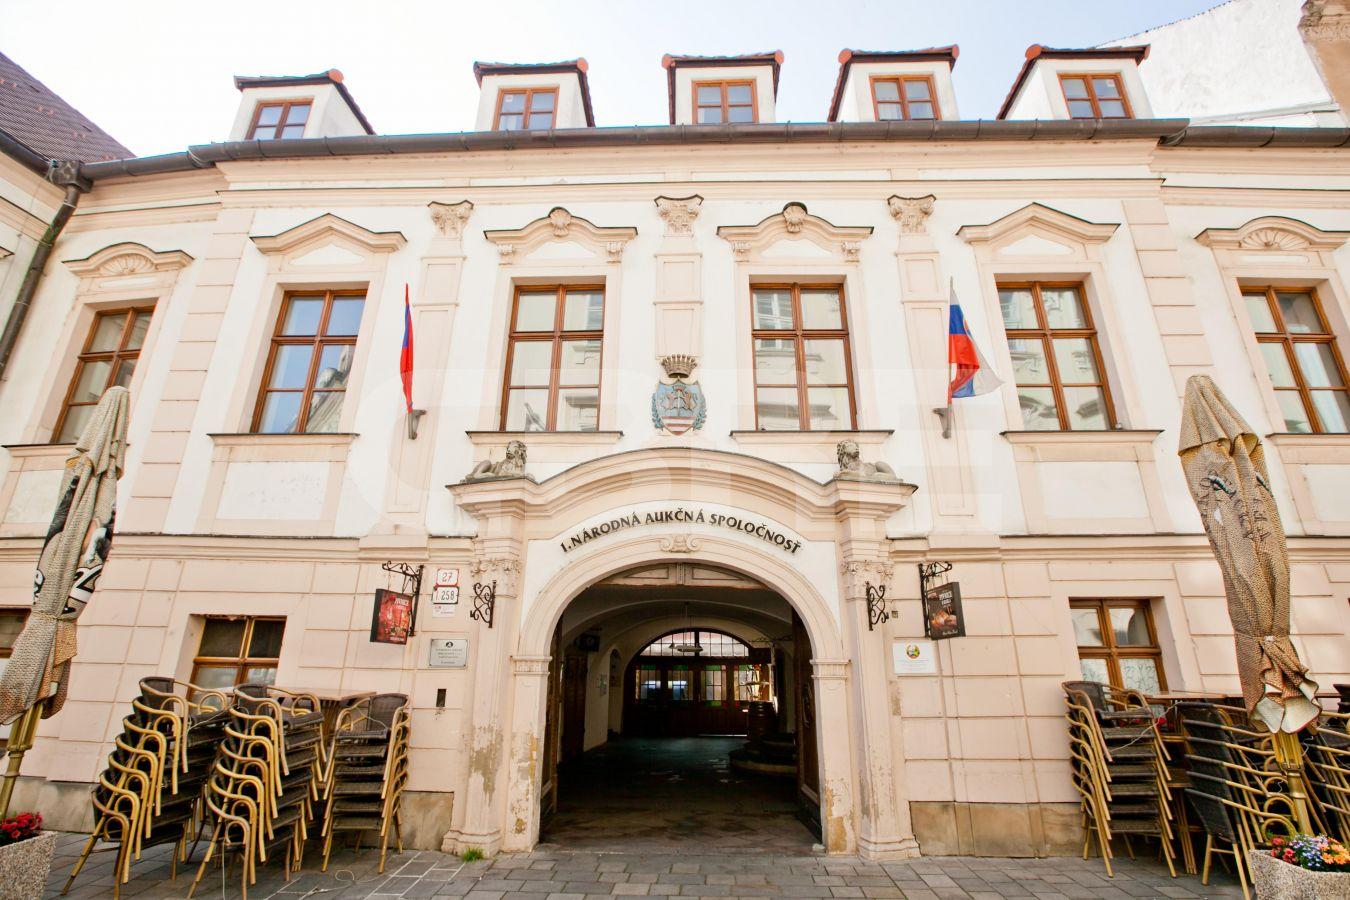 Keglevichov palác - Panská 27, Bratislava - Staré Mesto | Offices for rent by CBRE | 2